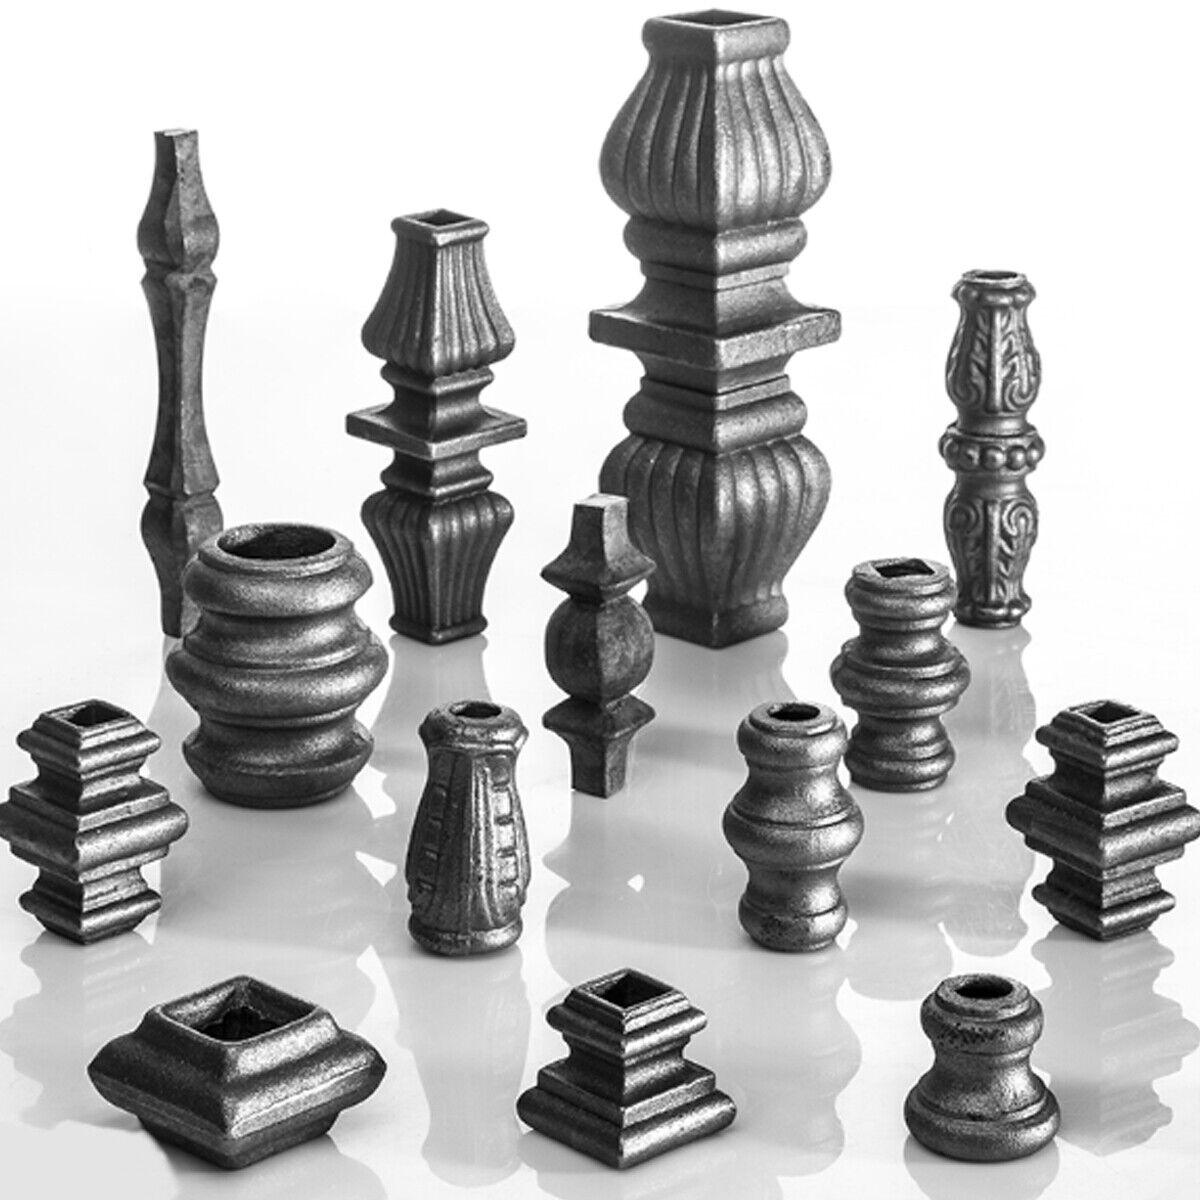 STAL Schmiedeelement  Quadratbohrung oder Rundbohrung für Zaunstäbe Stahl 01-012